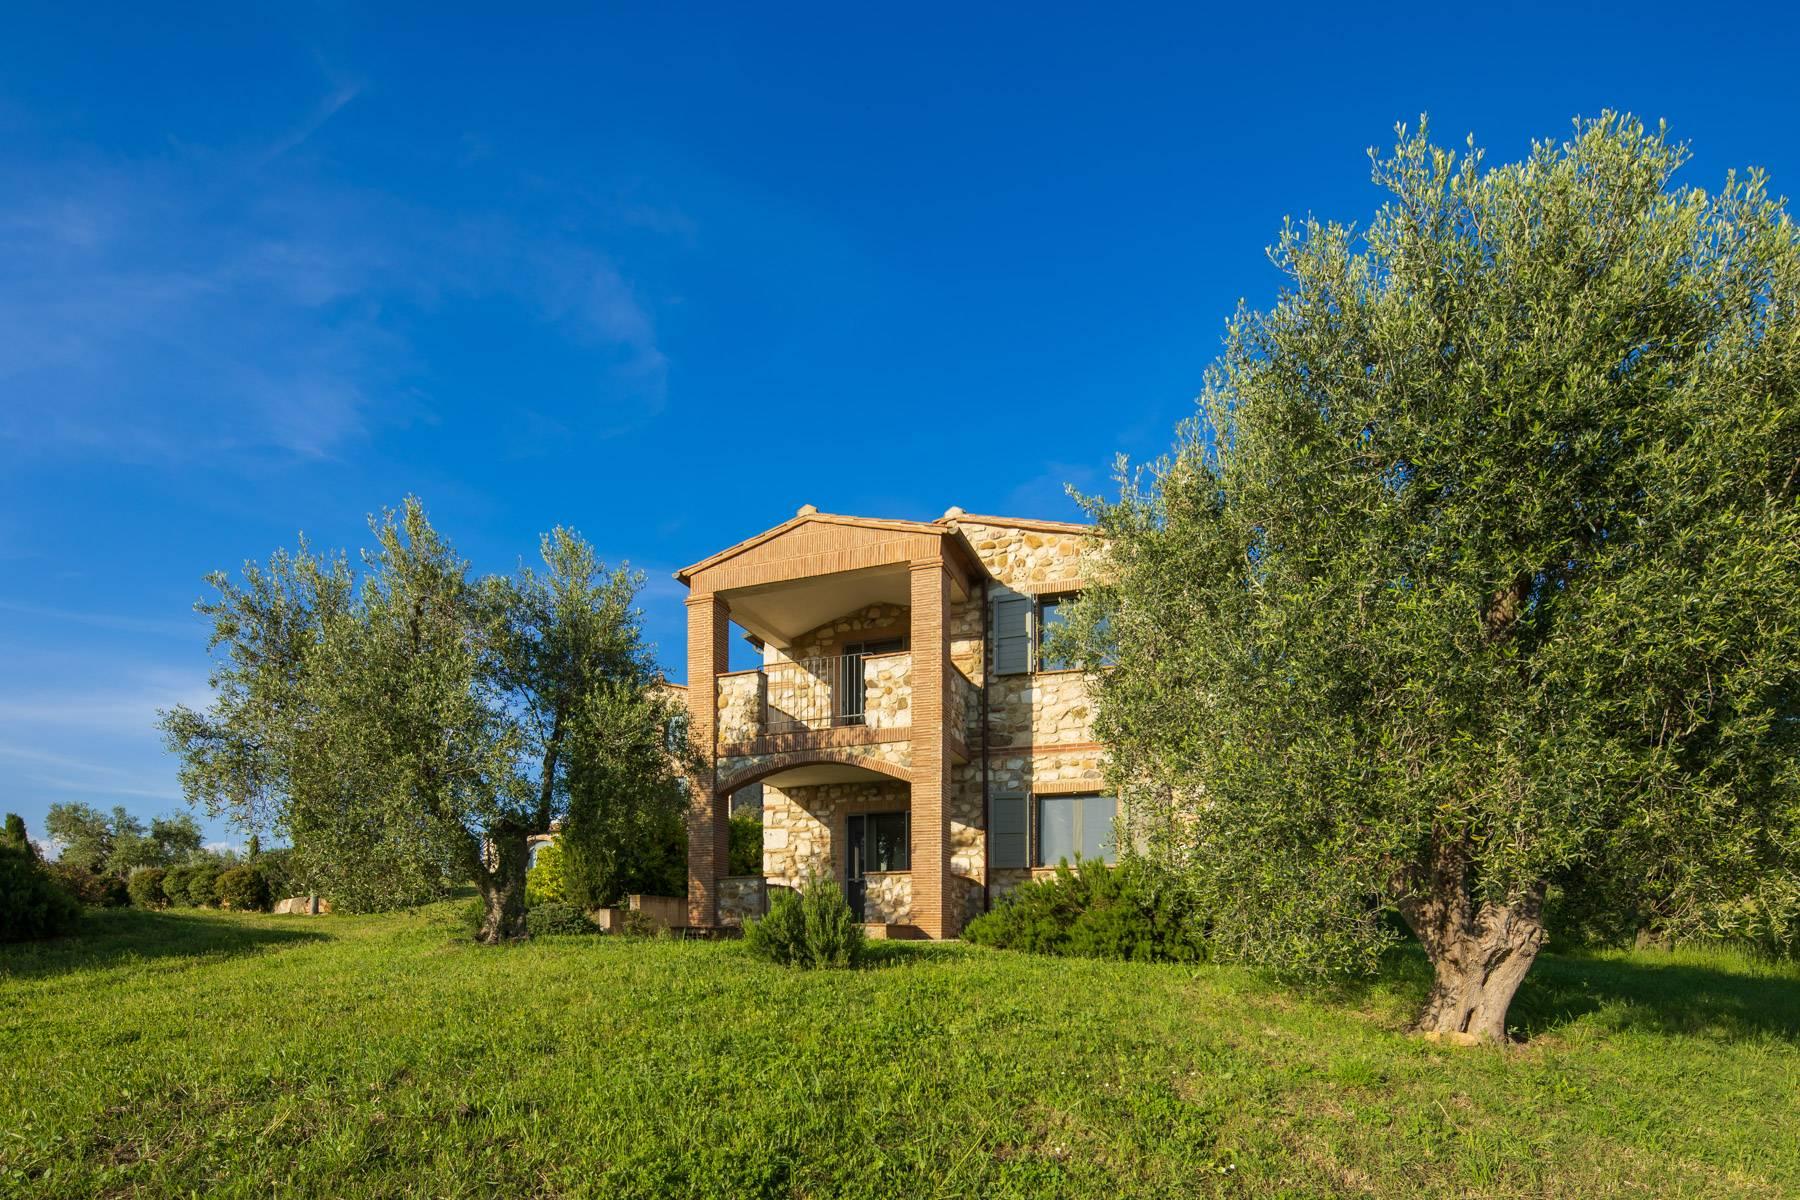 Rustico in Vendita a Magliano In Toscana: 5 locali, 1044 mq - Foto 19